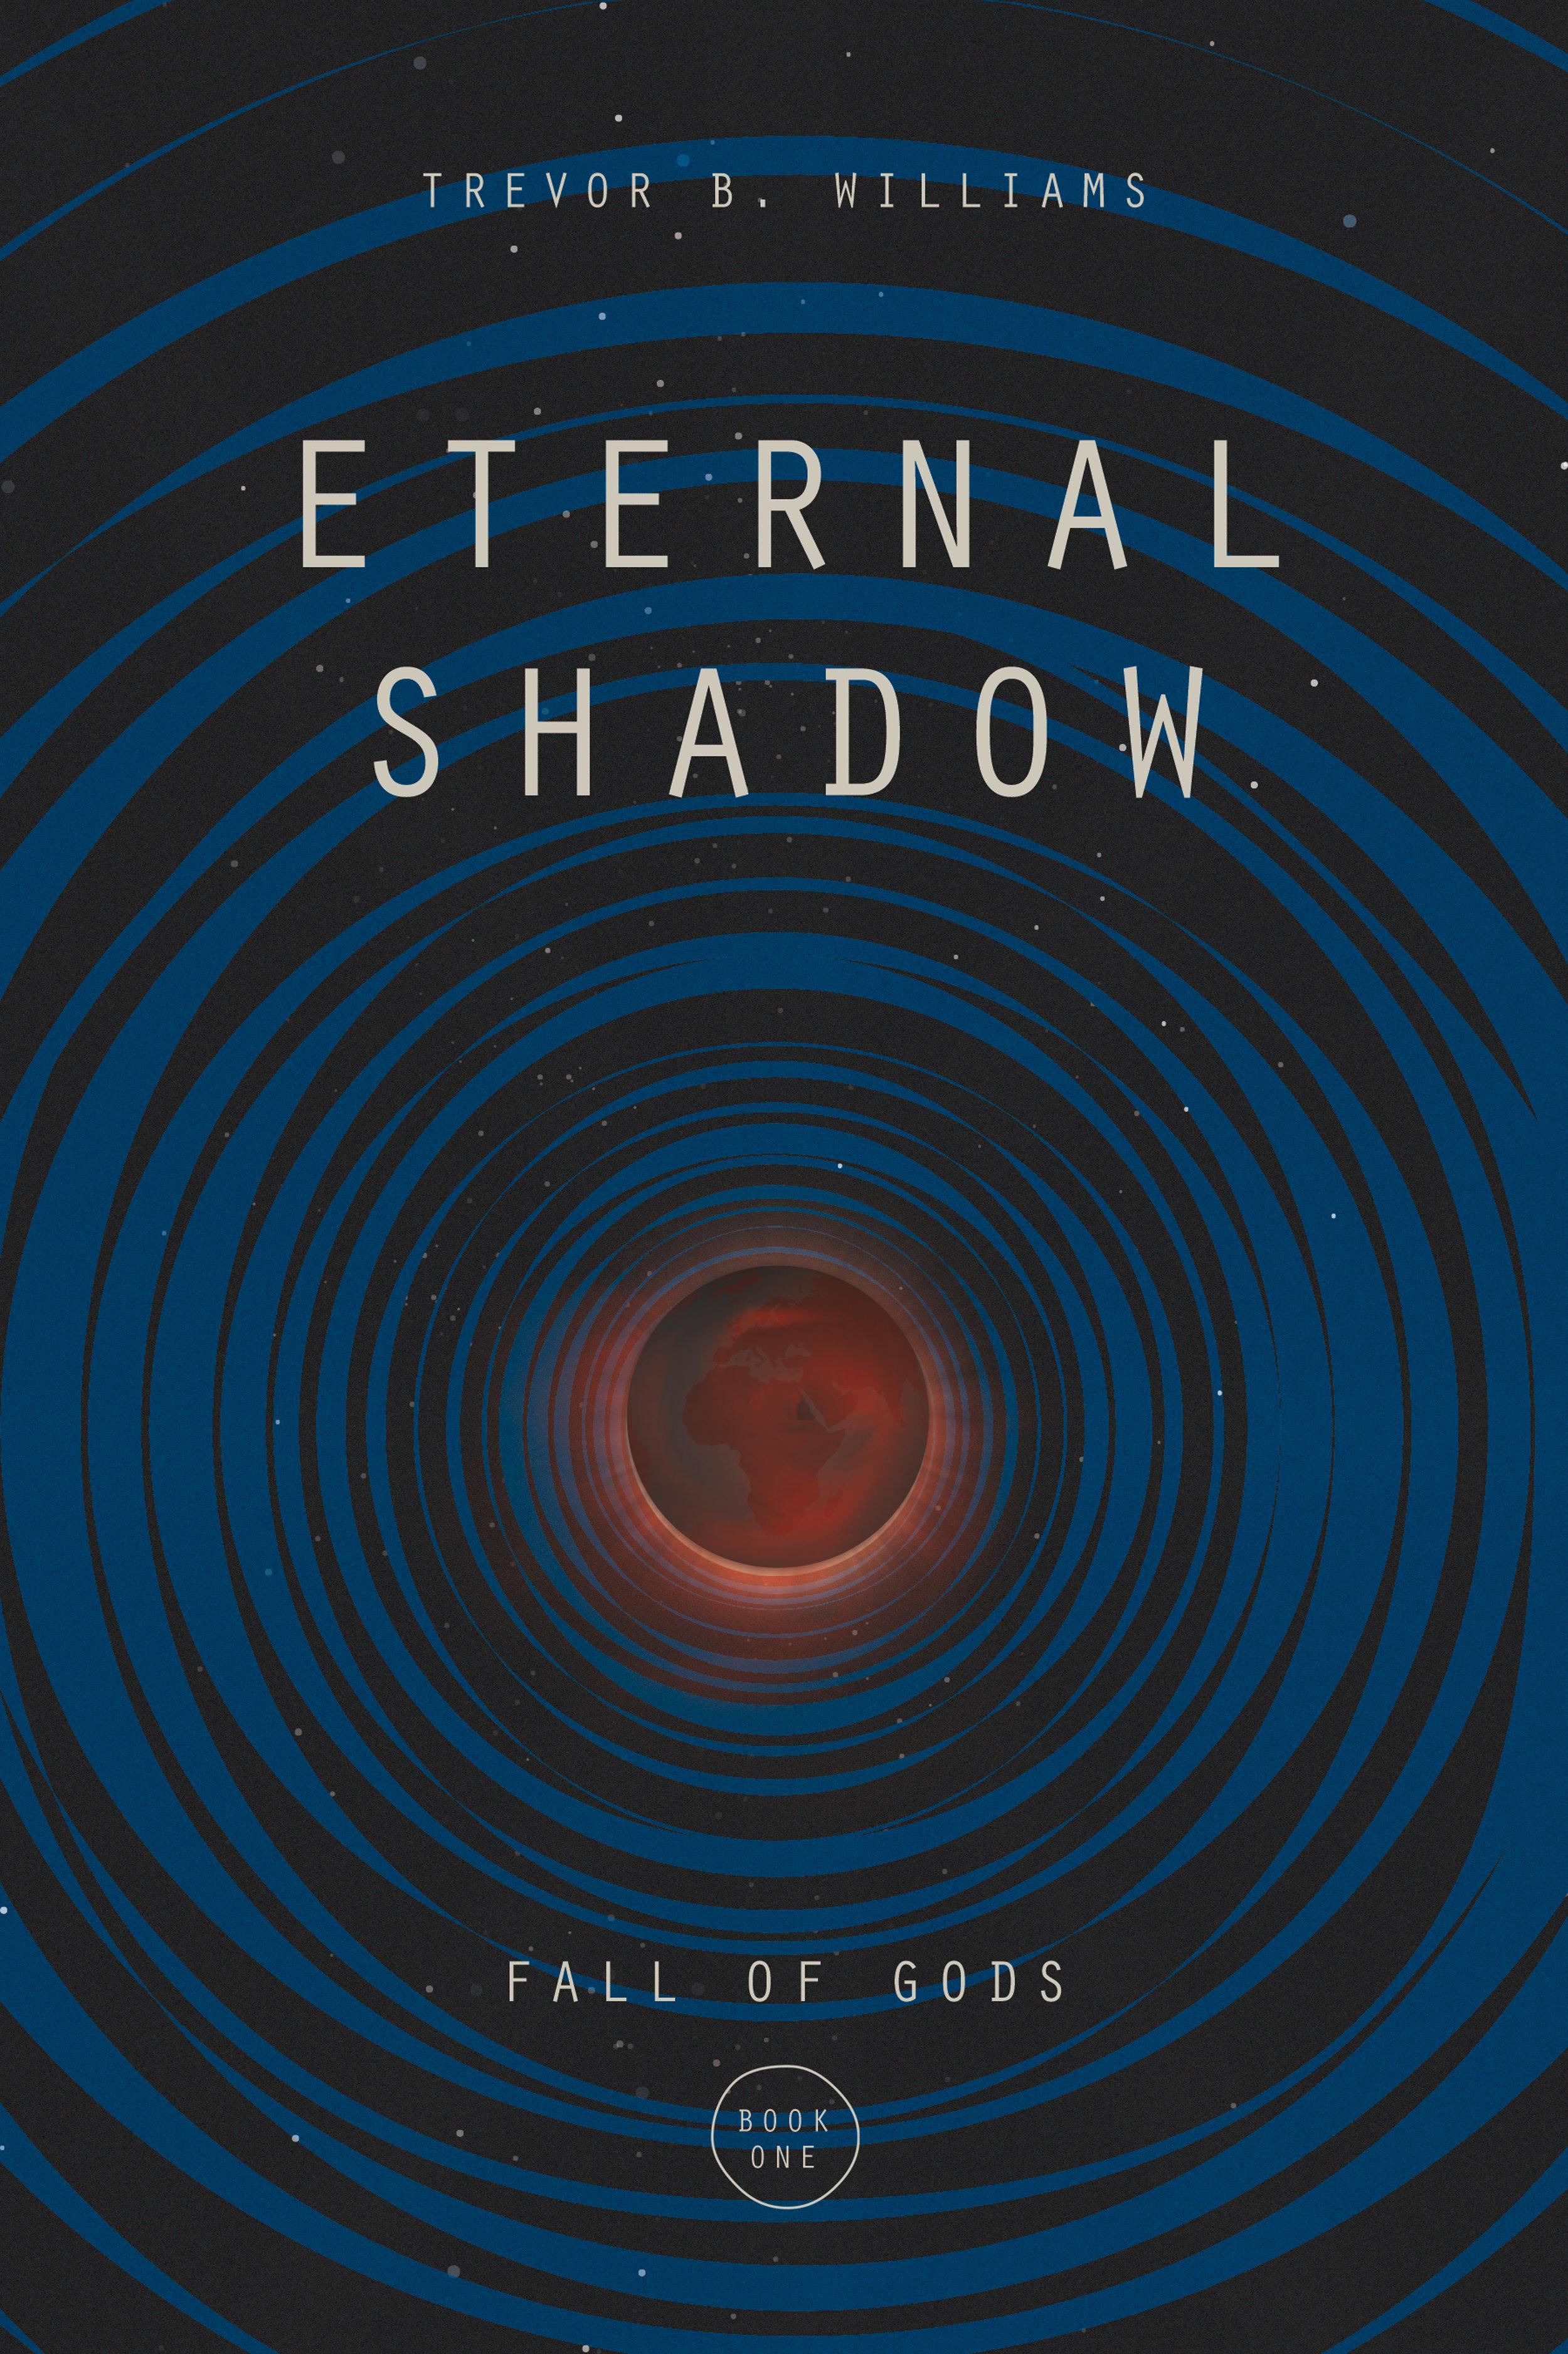 ETERNAL-SHADOW---FALL-OF-GODS---BOOK-1-New-Updates.jpg